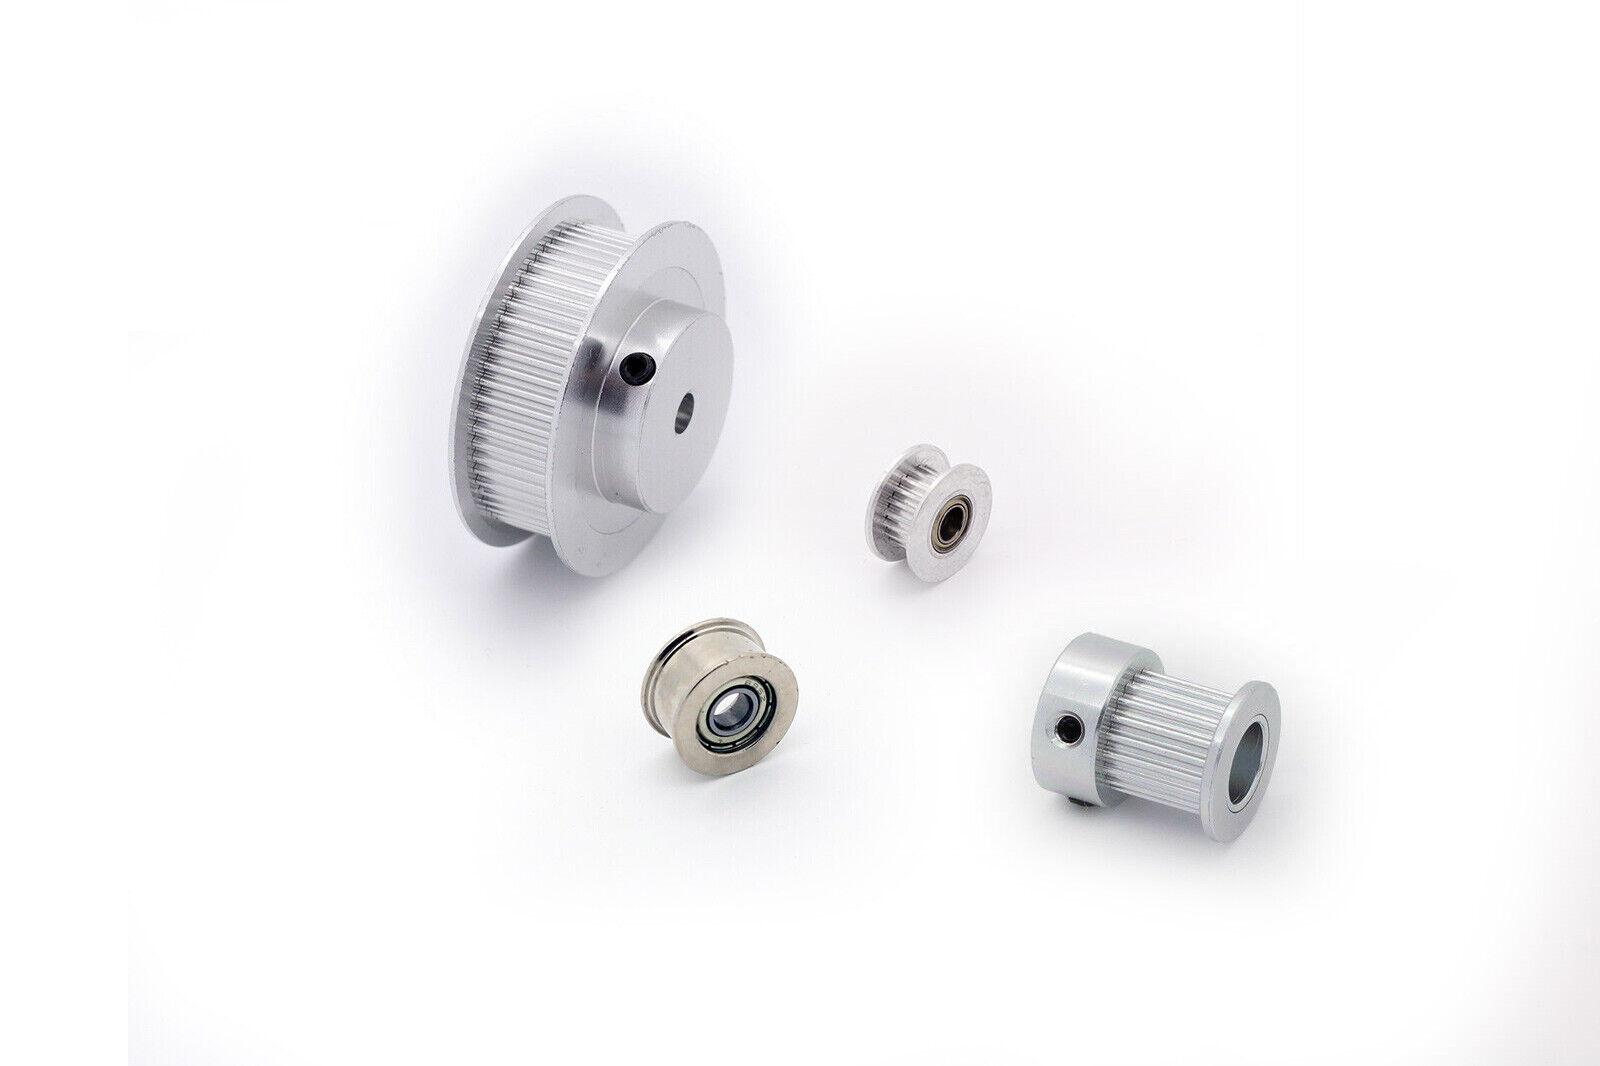 GT2 Zahnrad - Pulley / Riemenscheibe / Zahnriemenrad - CNC / 3D Drucker